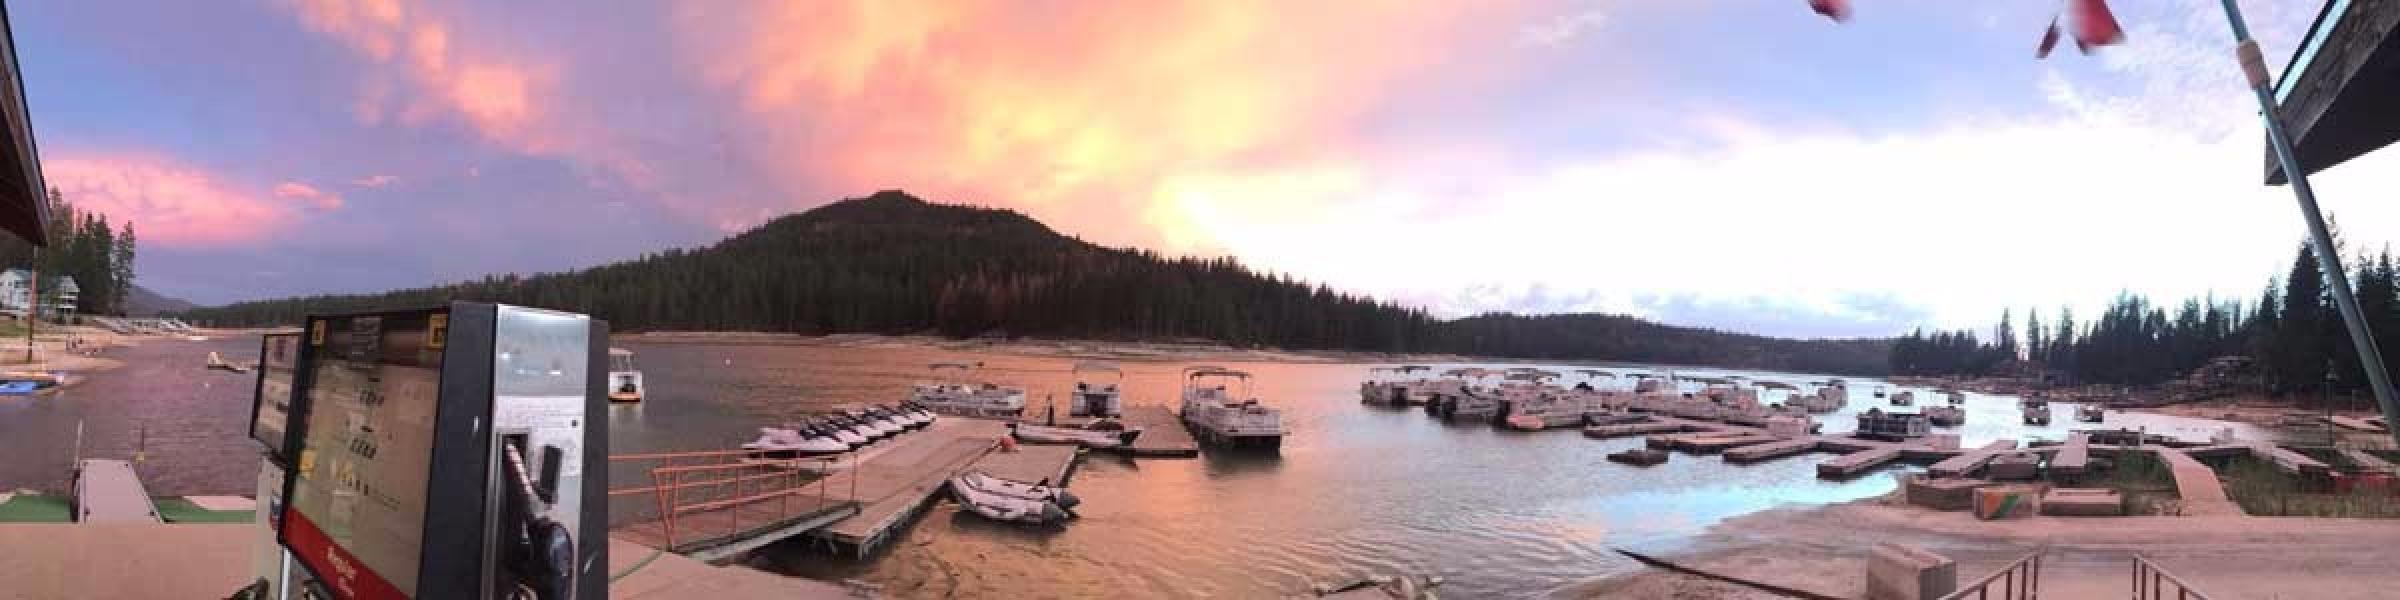 2015-07-18-bass-lake-marina-fish-eye-view-sunset